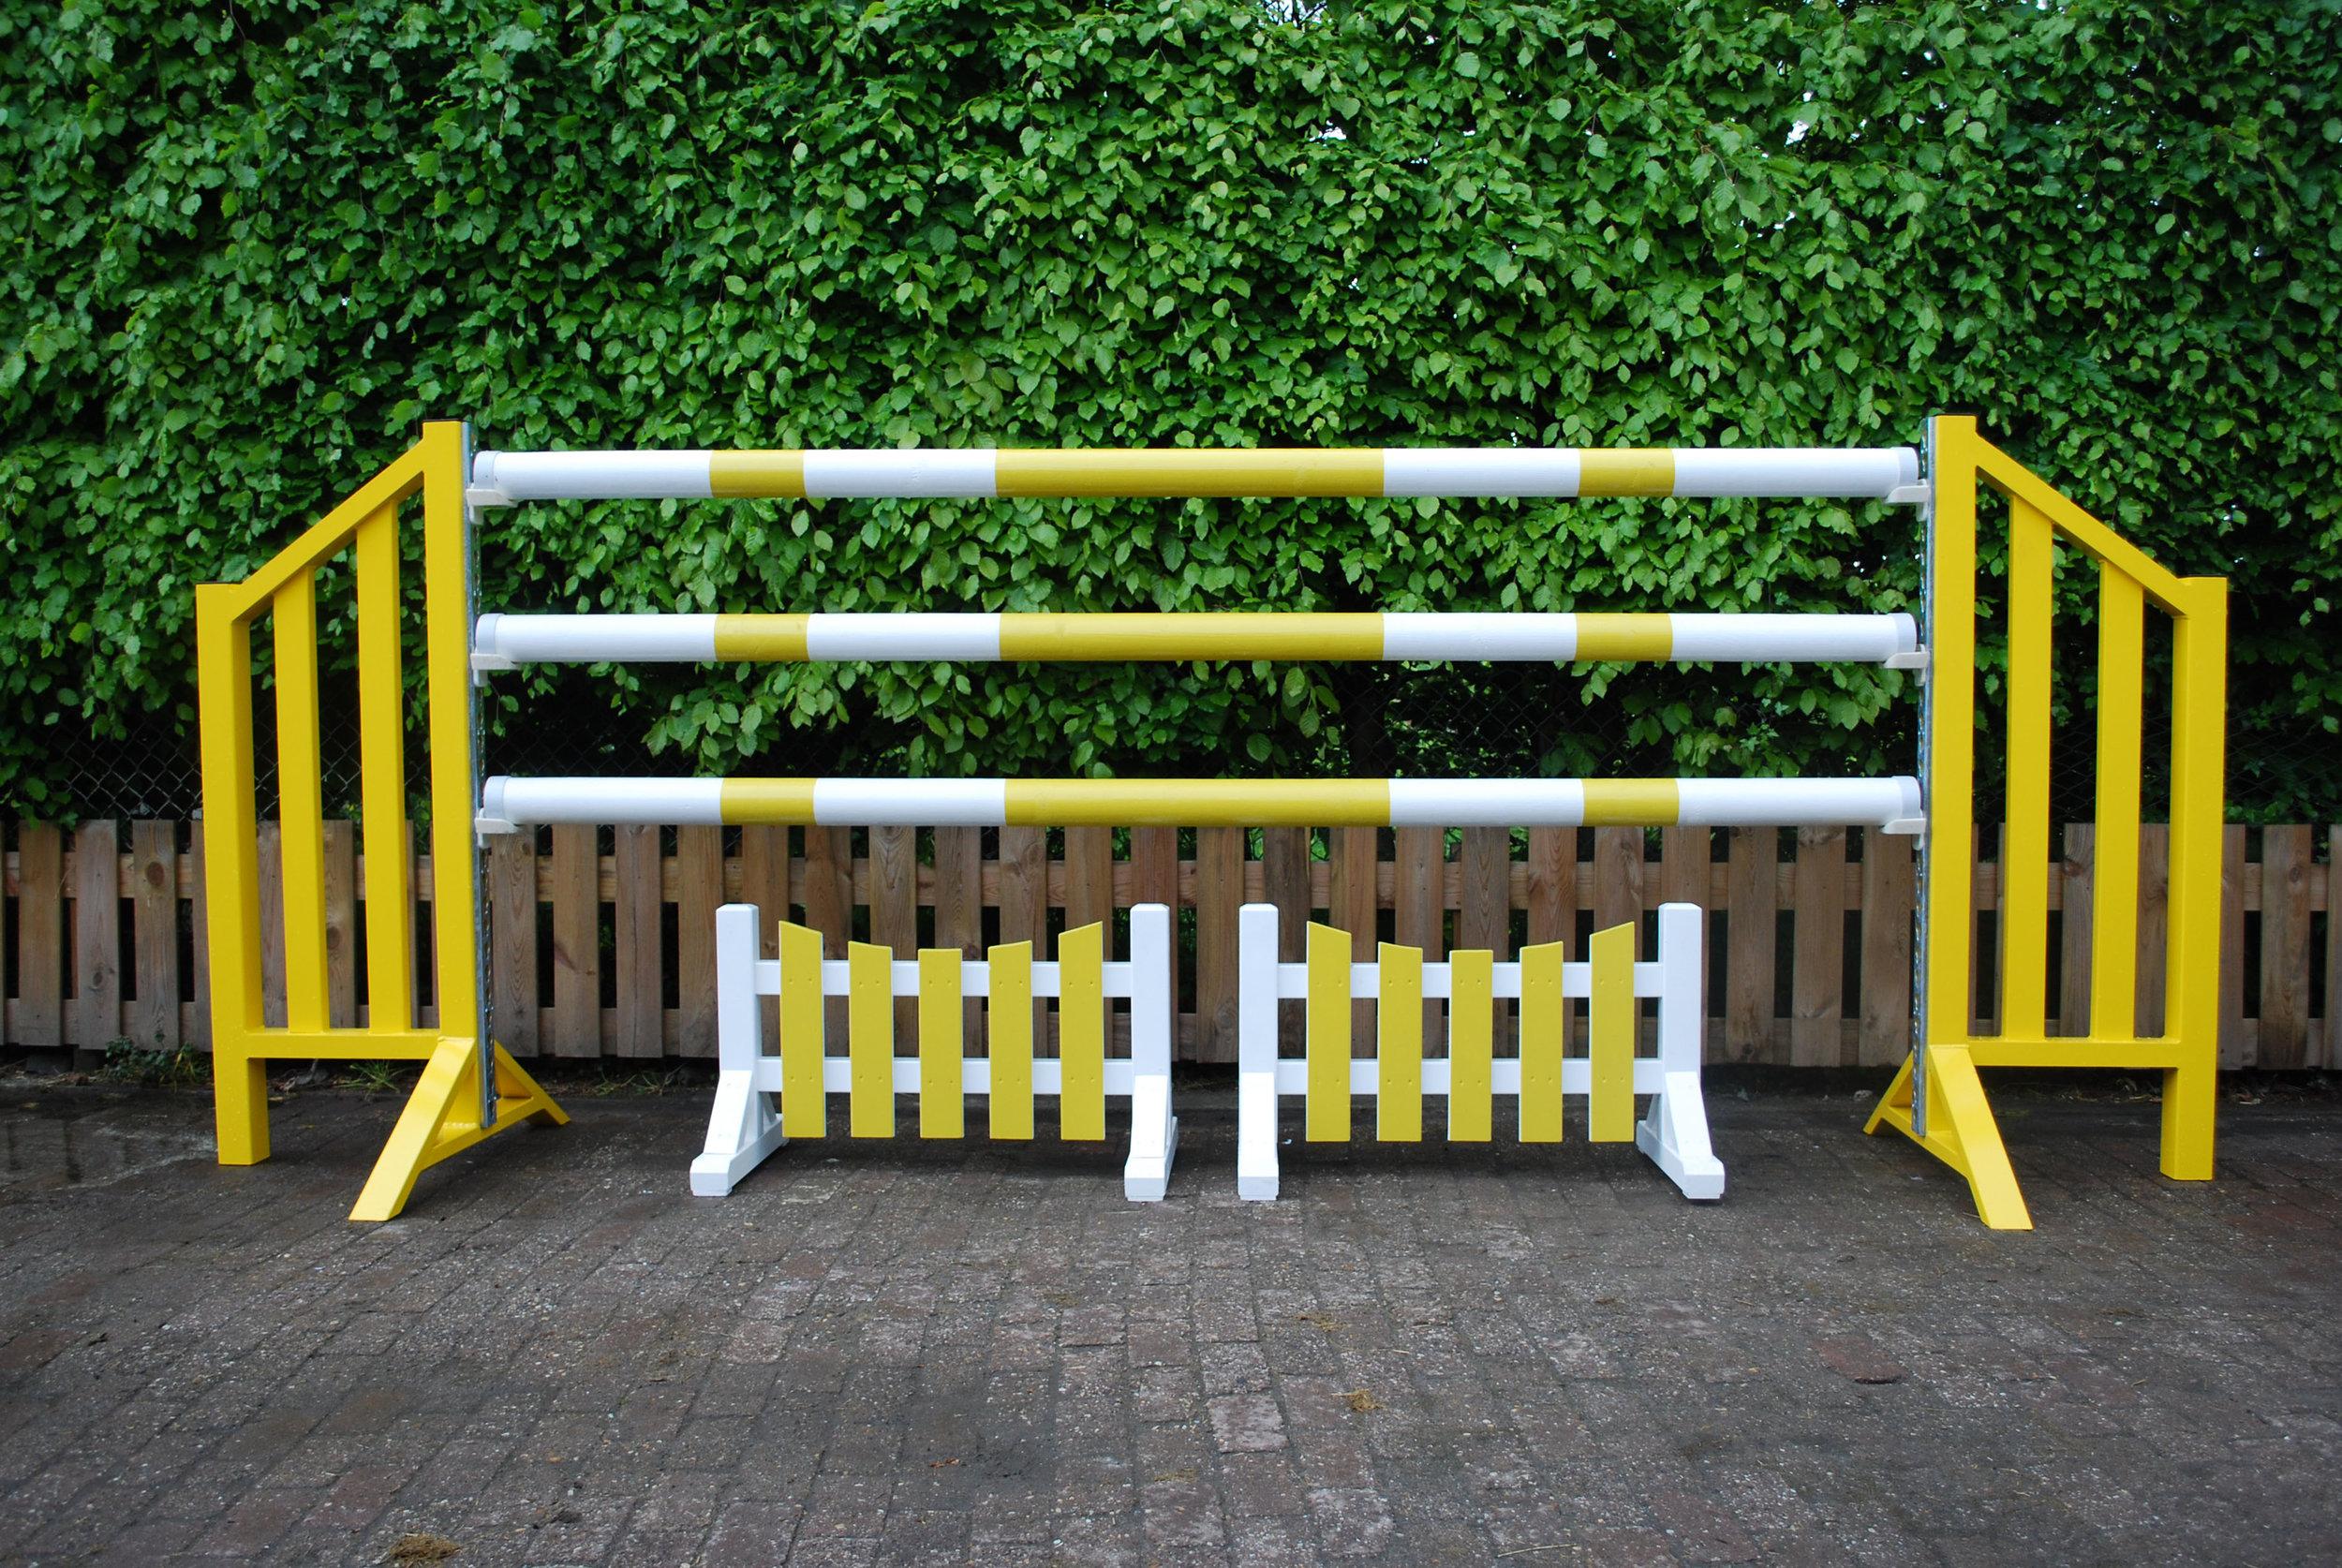 Spring hindernissen - Voor de paardensport maken we in grote aantallen de hekwerken voor de springhindernissen. De onderdelen worden nog geschuurd zodat ze direct gespoten kunnen worden.